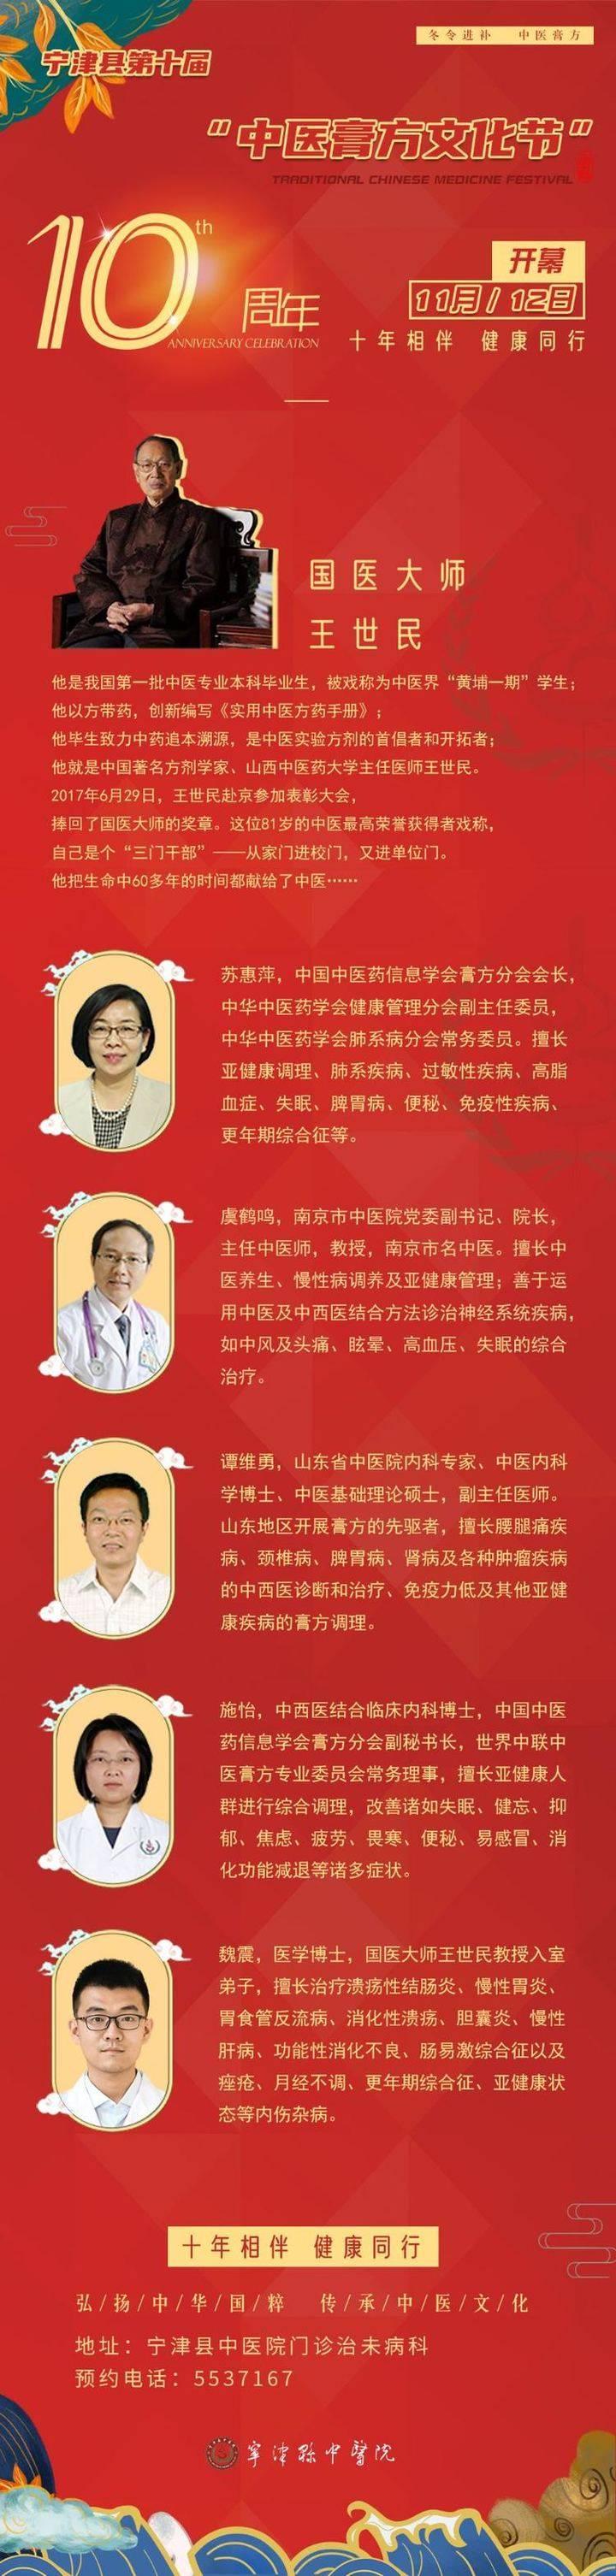 第十届宁津县中药膏方文化节11月12日开幕 宁津县